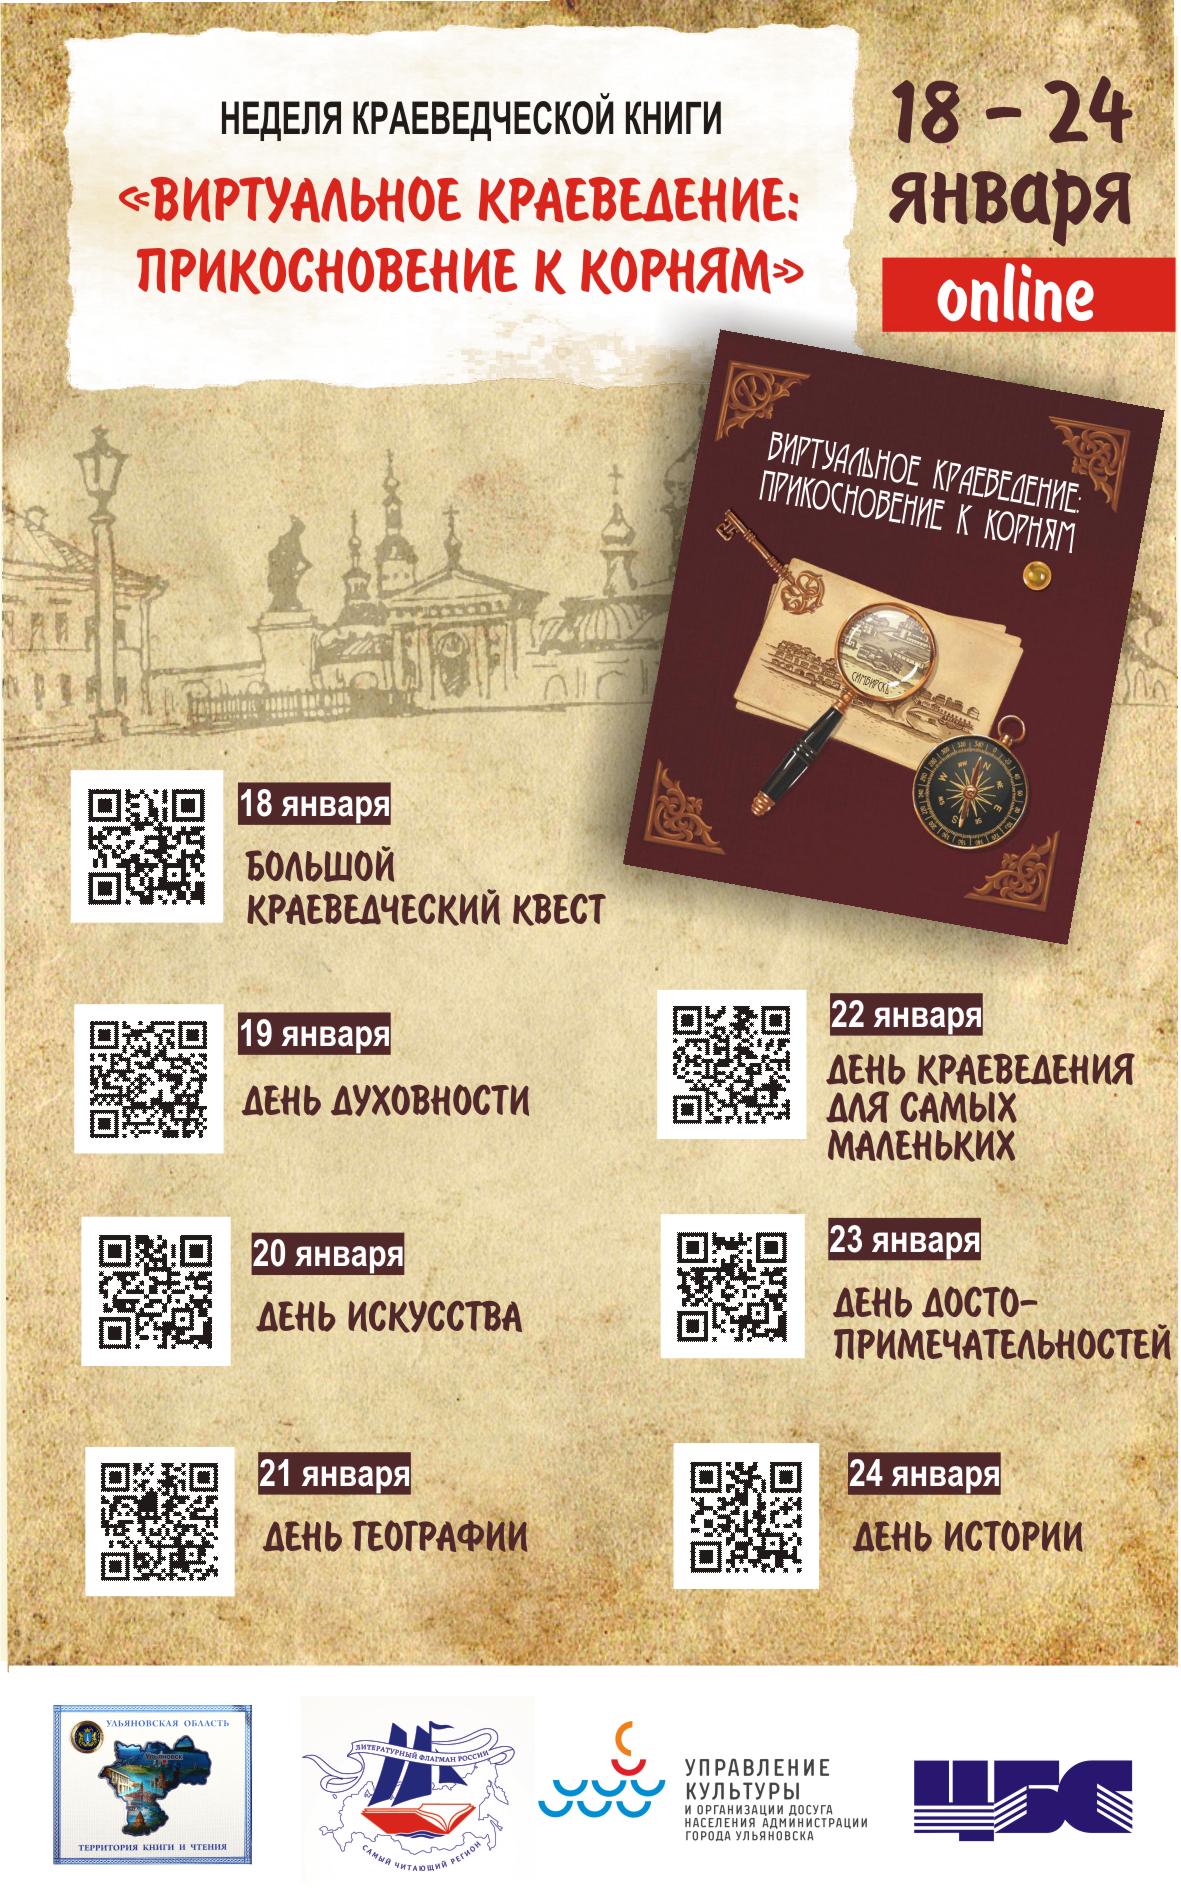 VI Неделя краеведческой книги «Виртуальное краеведение: прикосновение к корням»